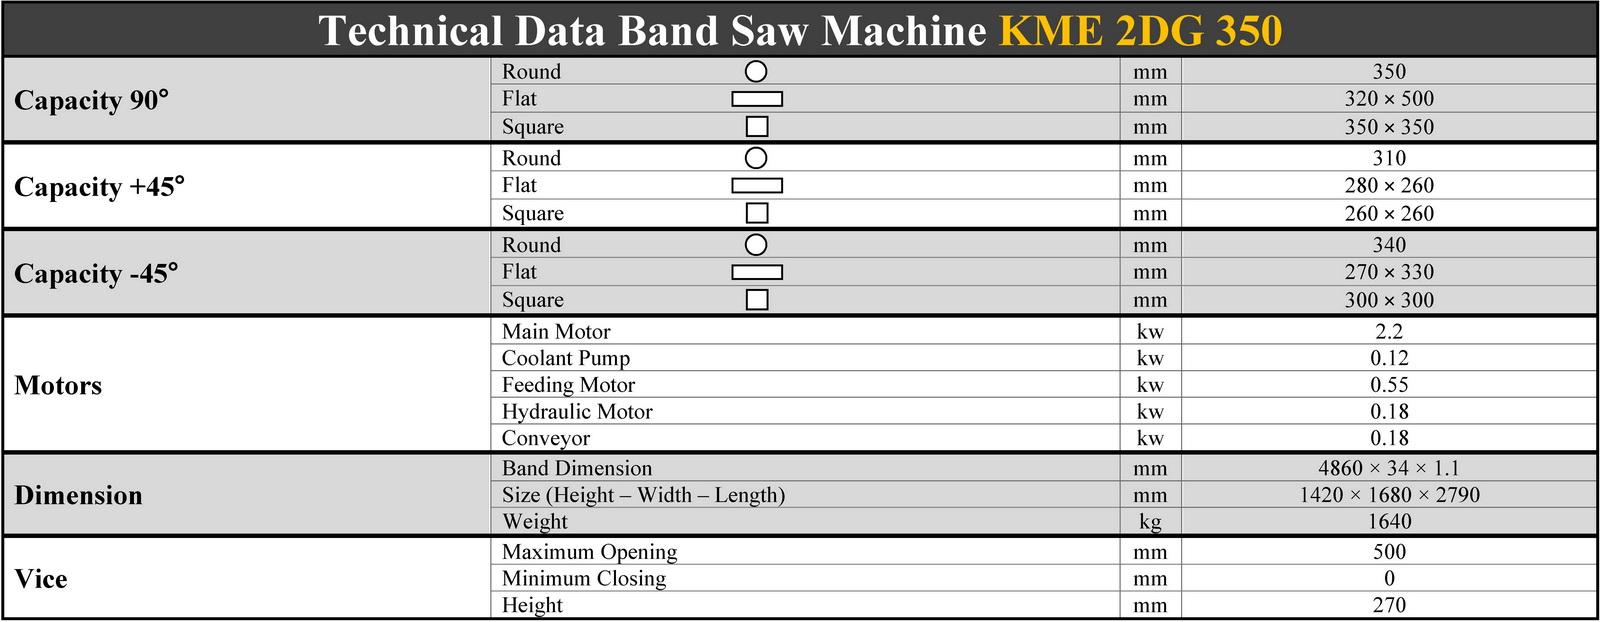 مشخصات فنی دستگاه اره نواری بازویی دو طرف زاویه زن اتوماتیک کسمک - KME 2DG 350